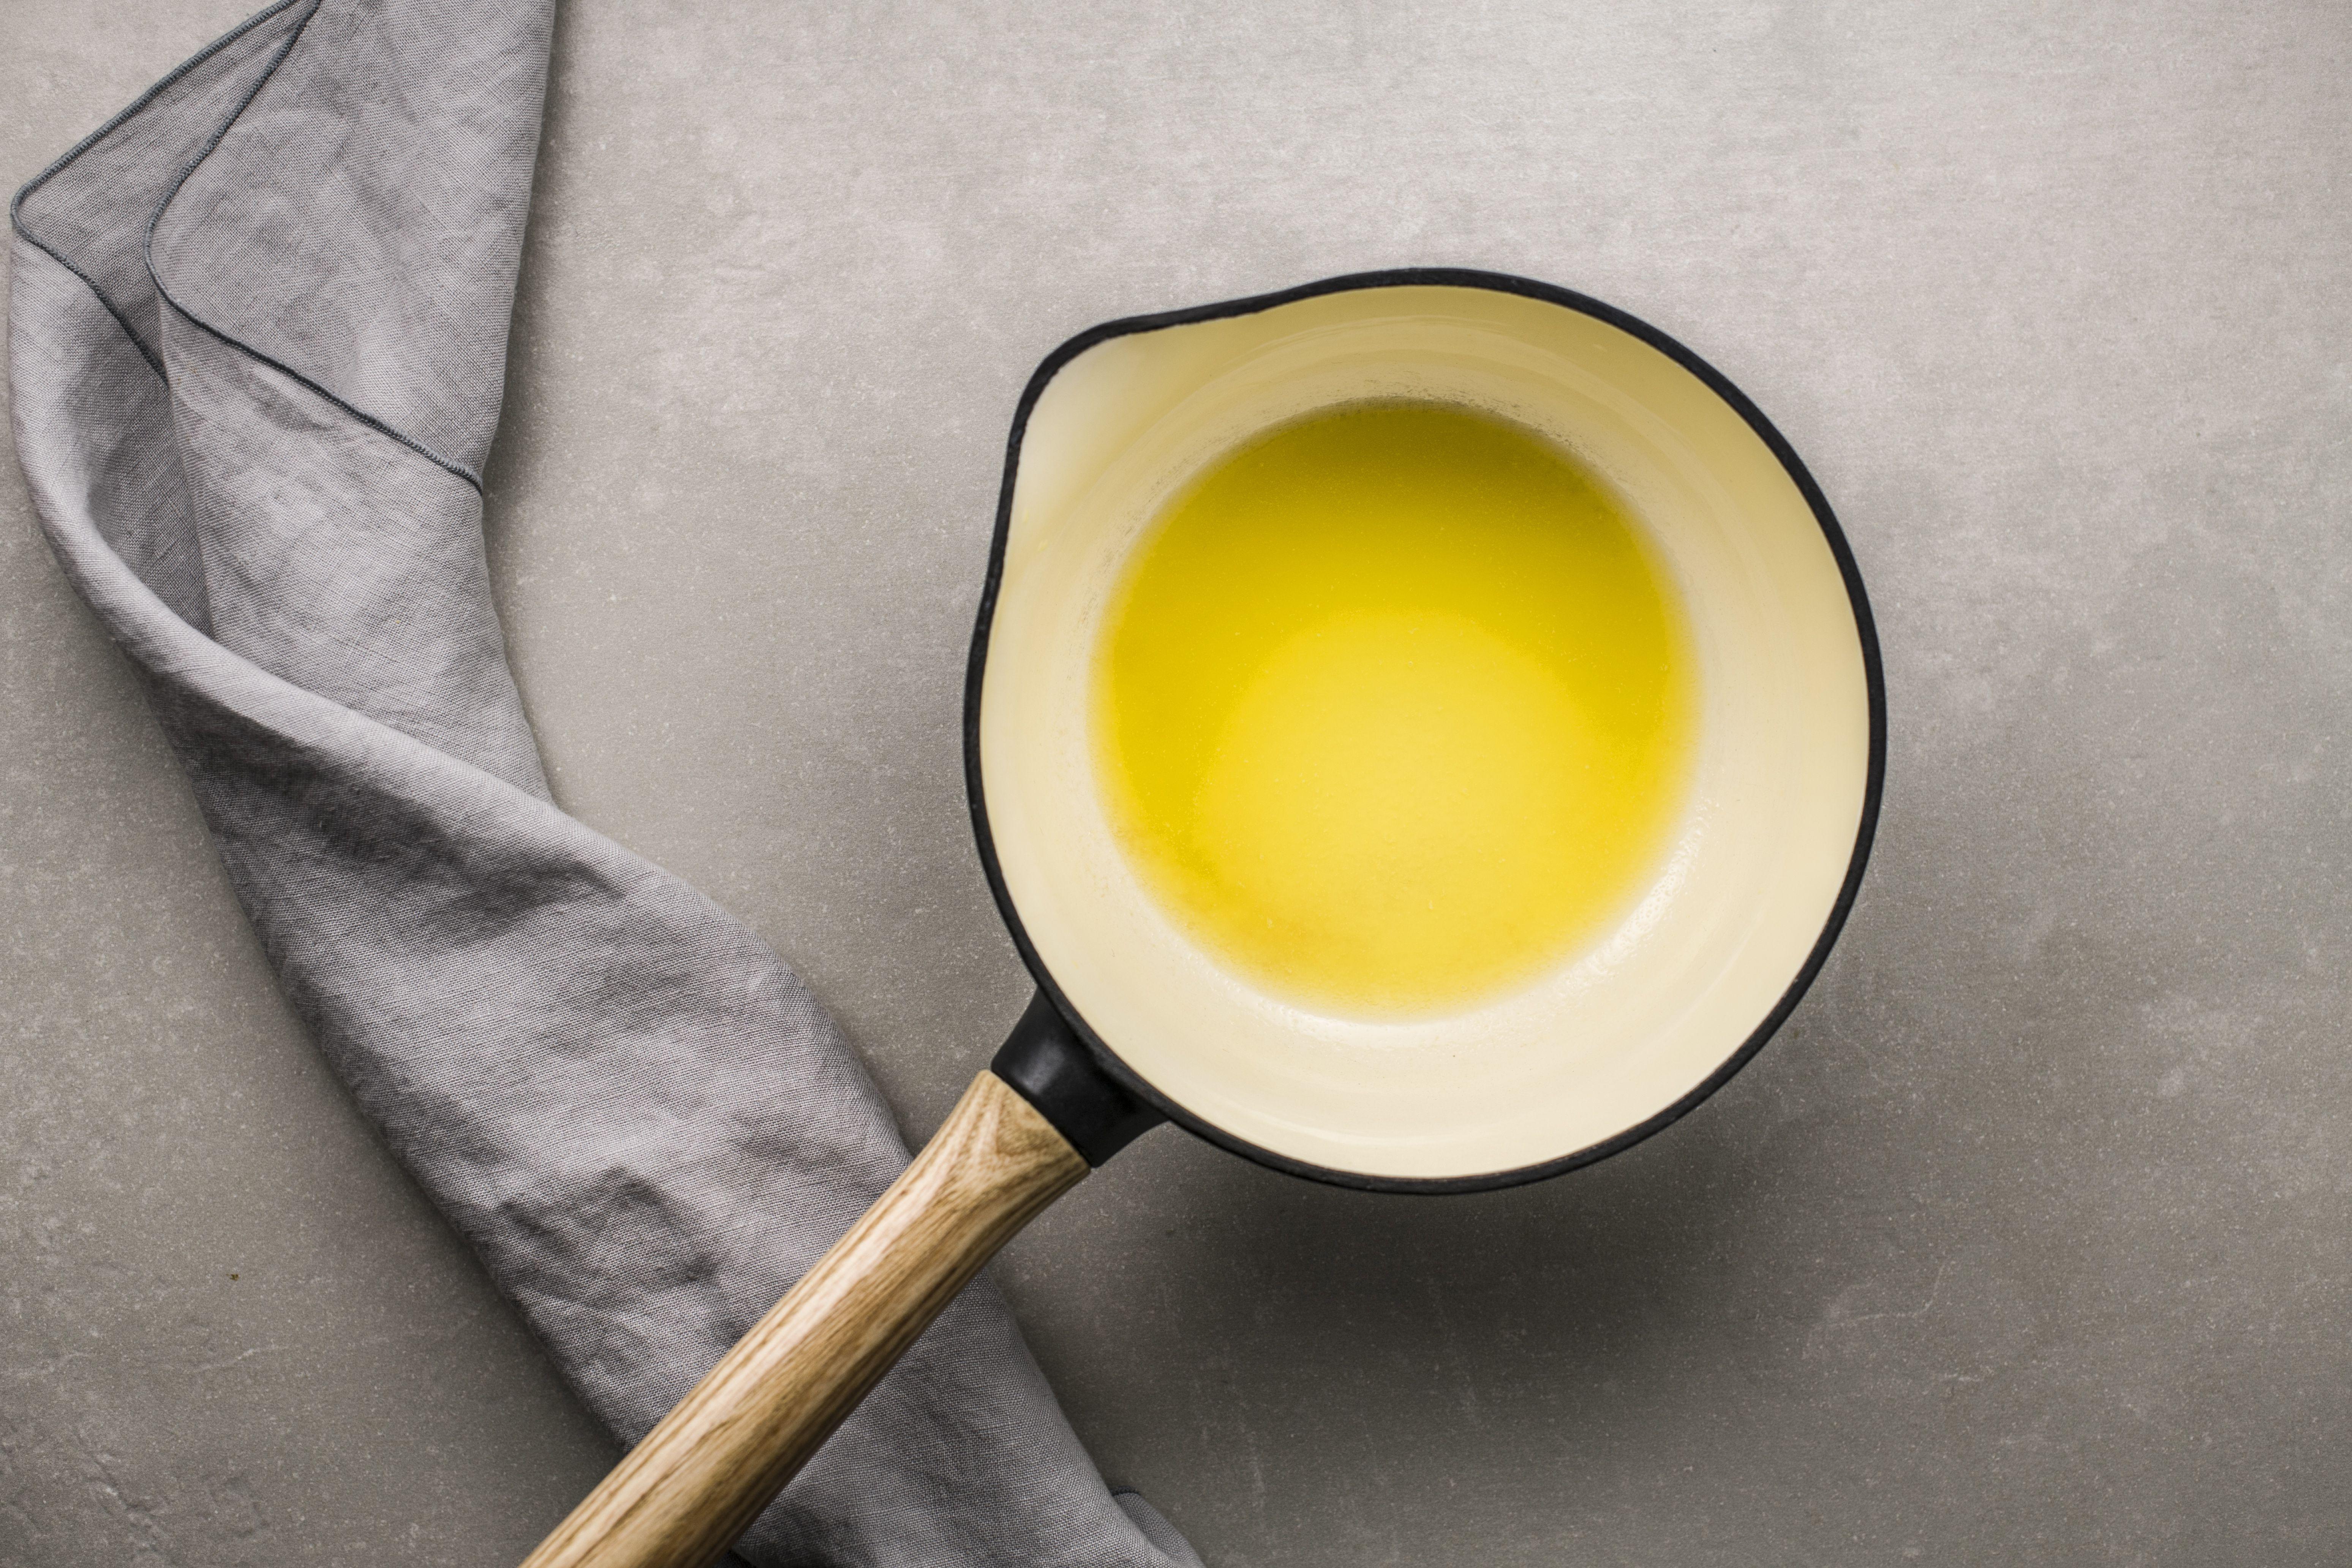 Melt butter in saucepan